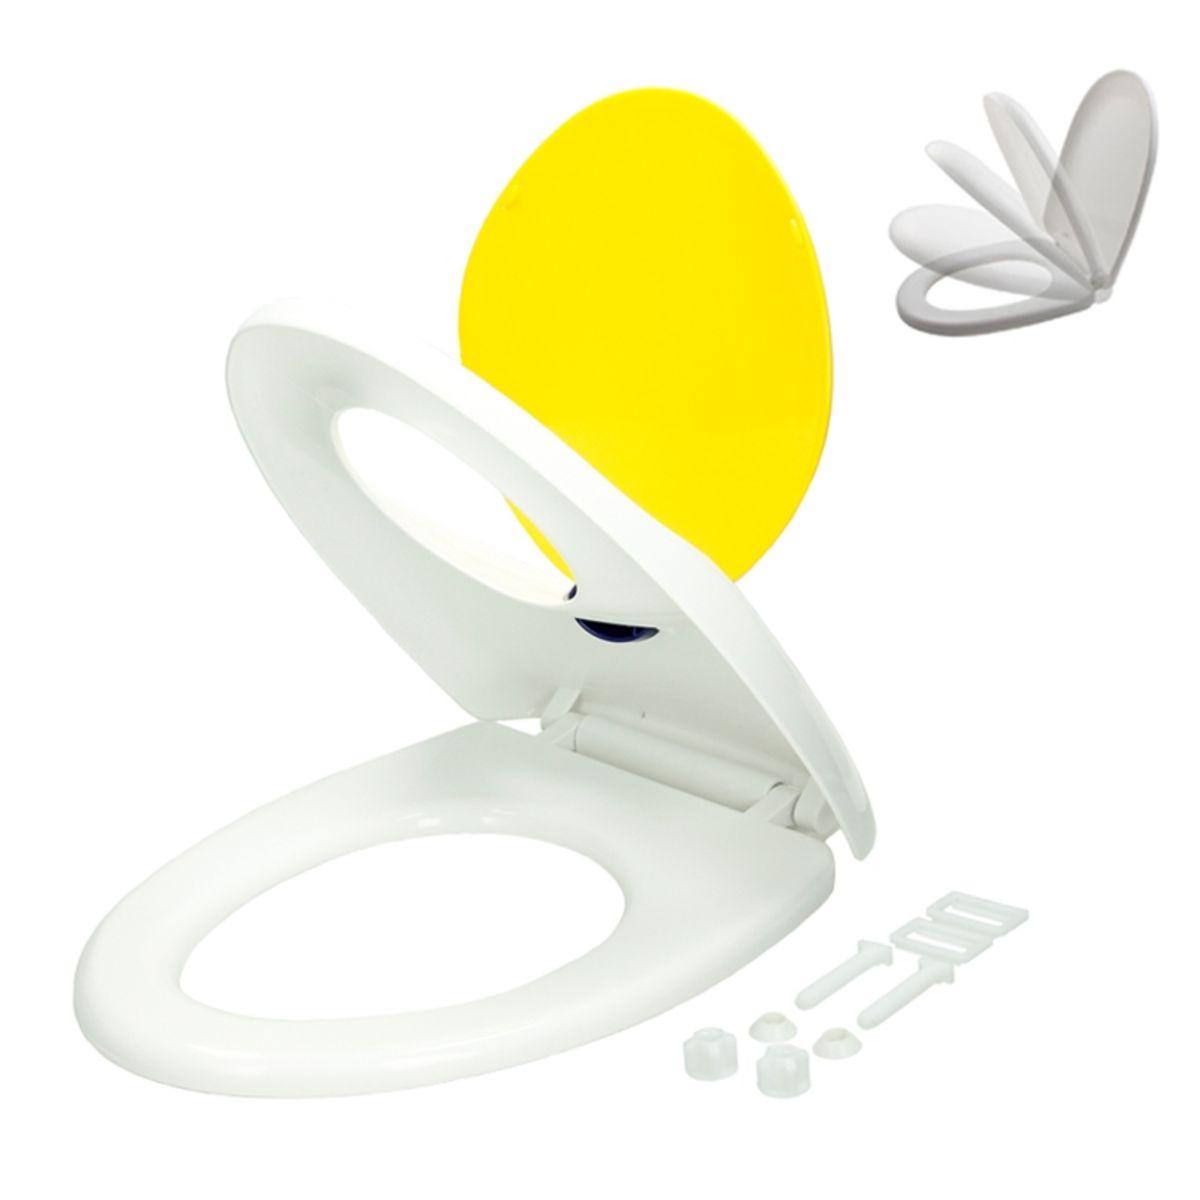 Abattant wc siege couvercle de toilette universel lunettes blanc noir duroplast ebay - Abattant de toilette ...